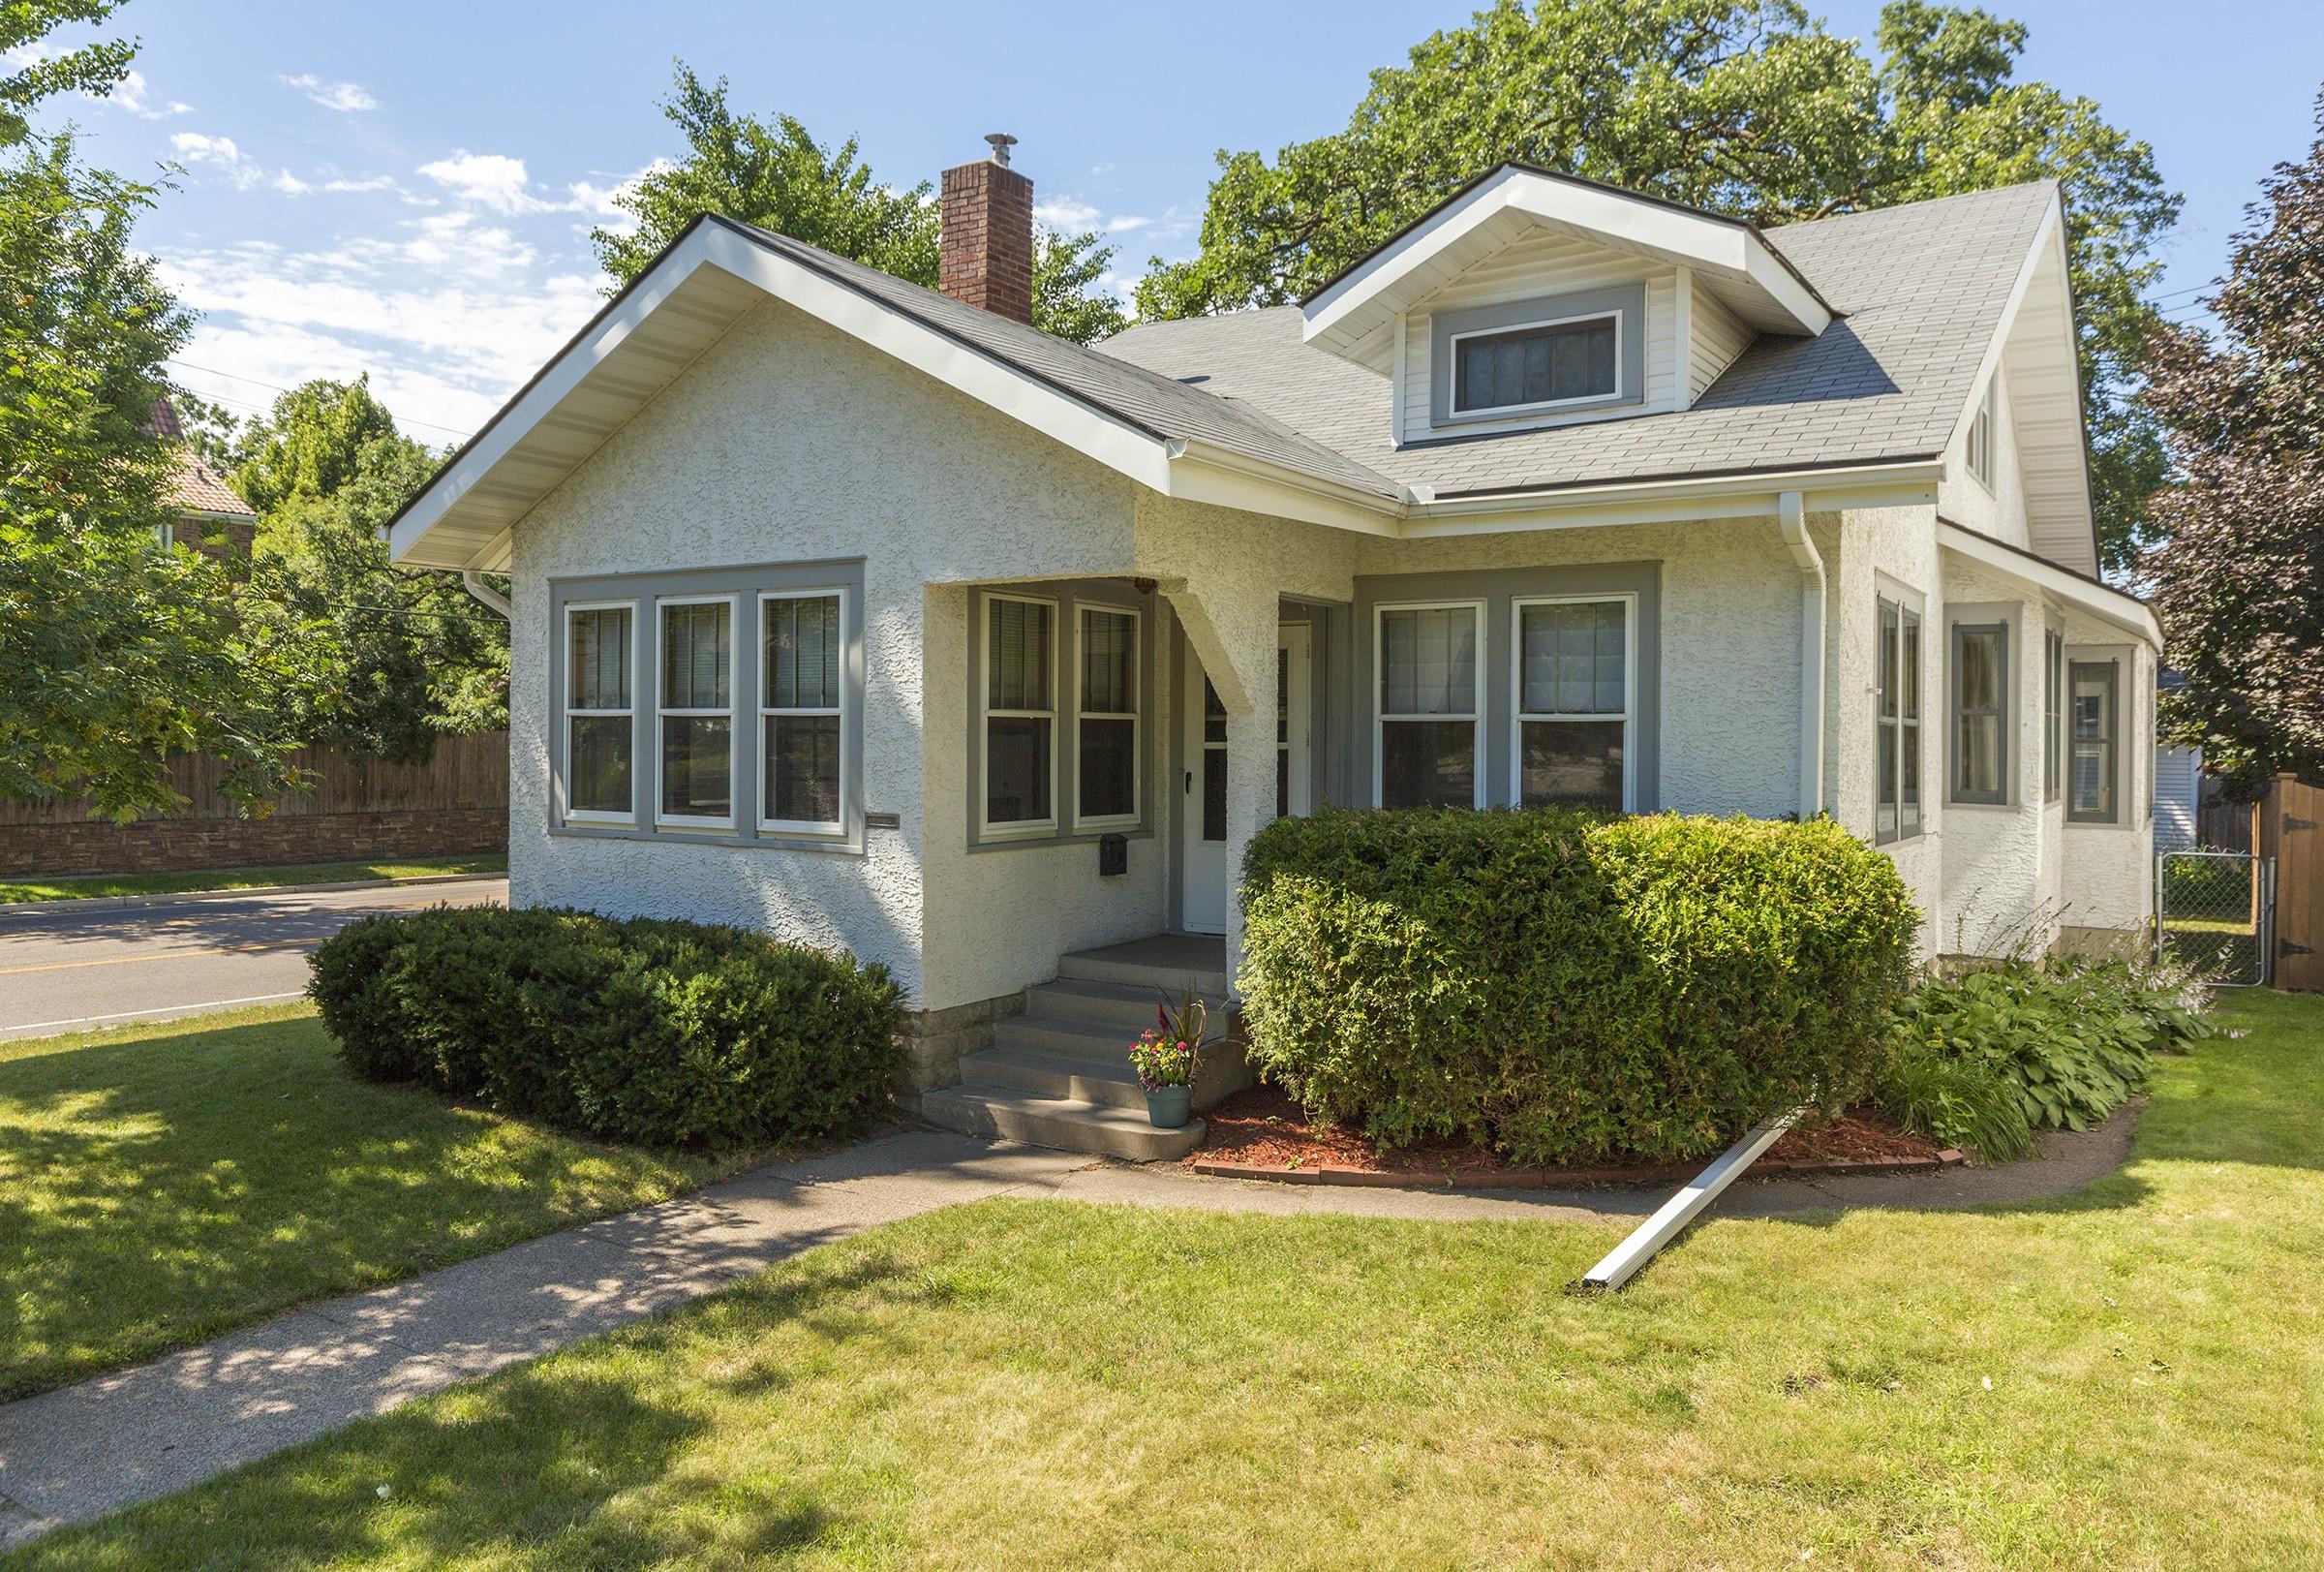 Maison unifamiliale pour l Vente à 1817 Stanford Avenue St. Paul, Minnesota, 55105 États-Unis